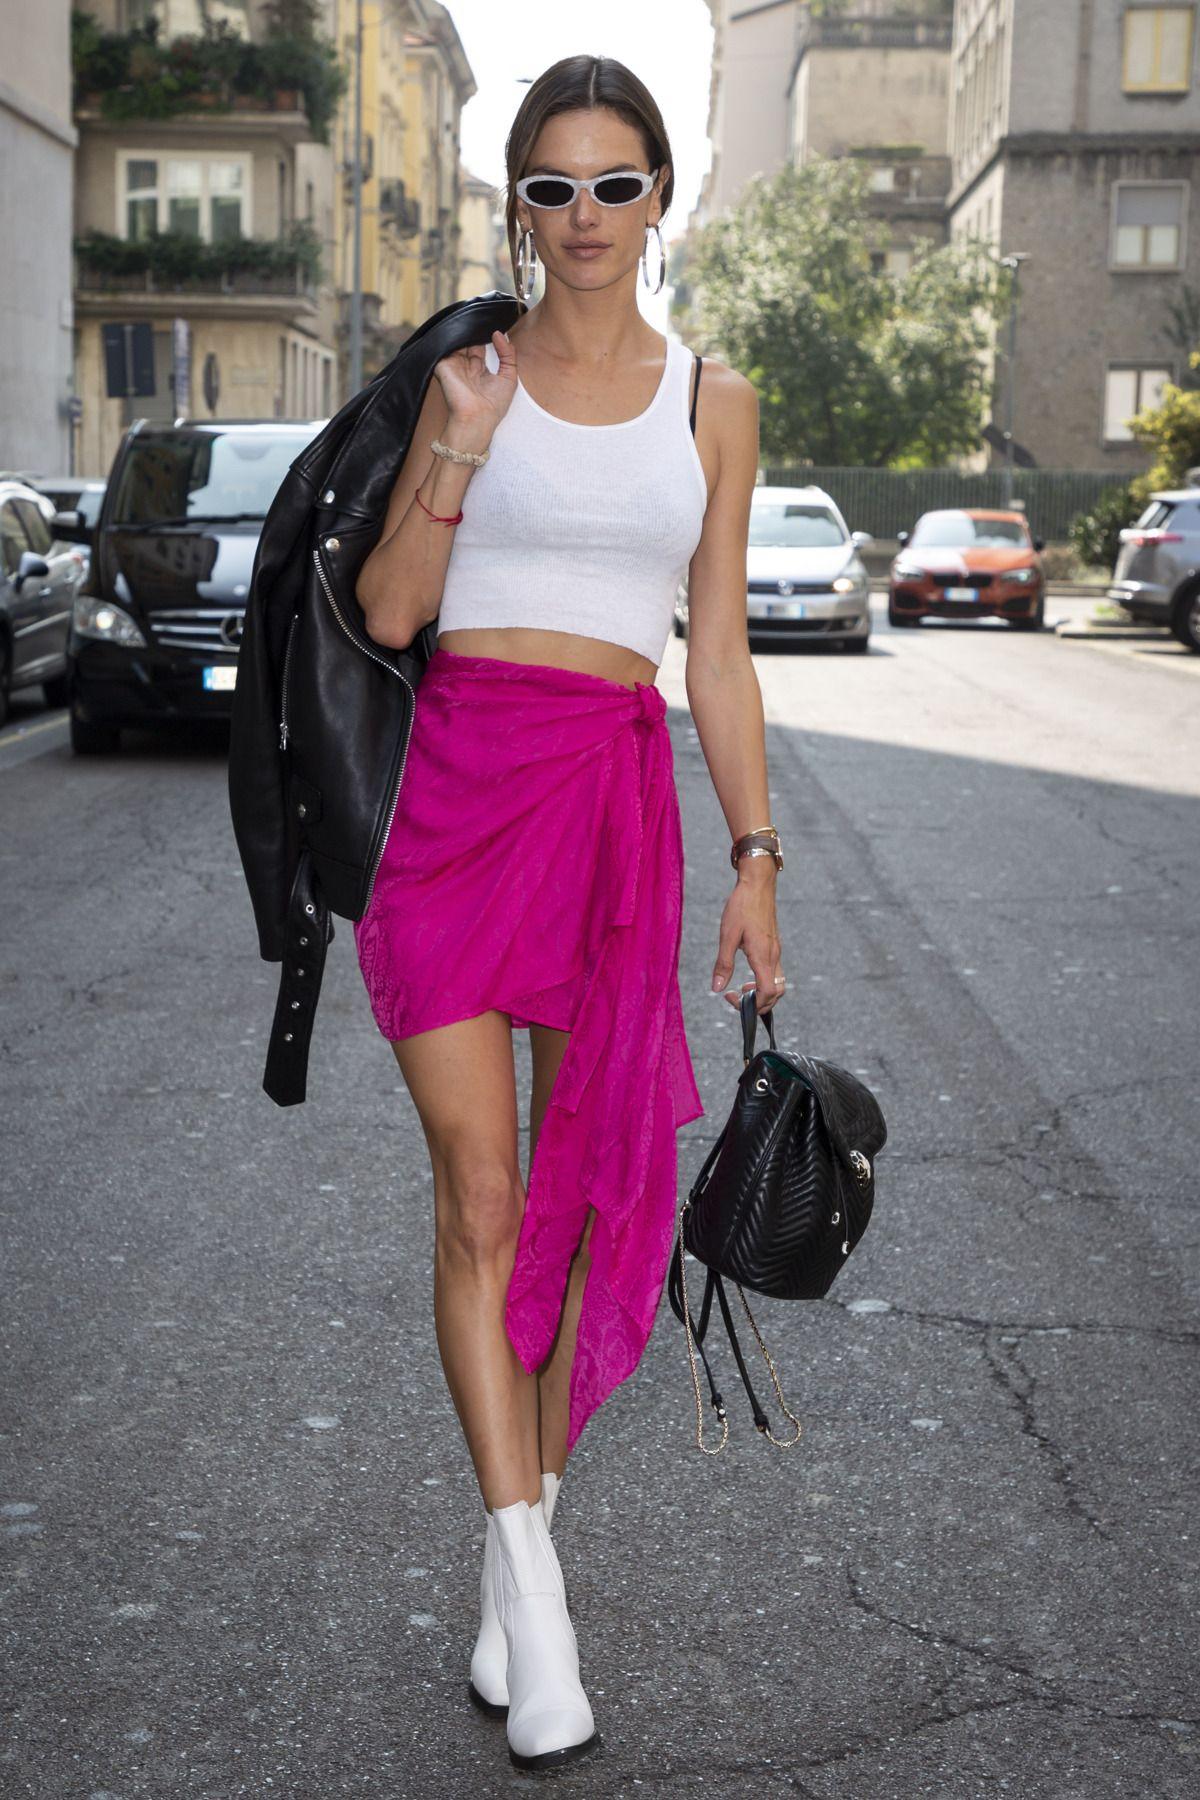 tank top trắng cùng chân váy hot pink